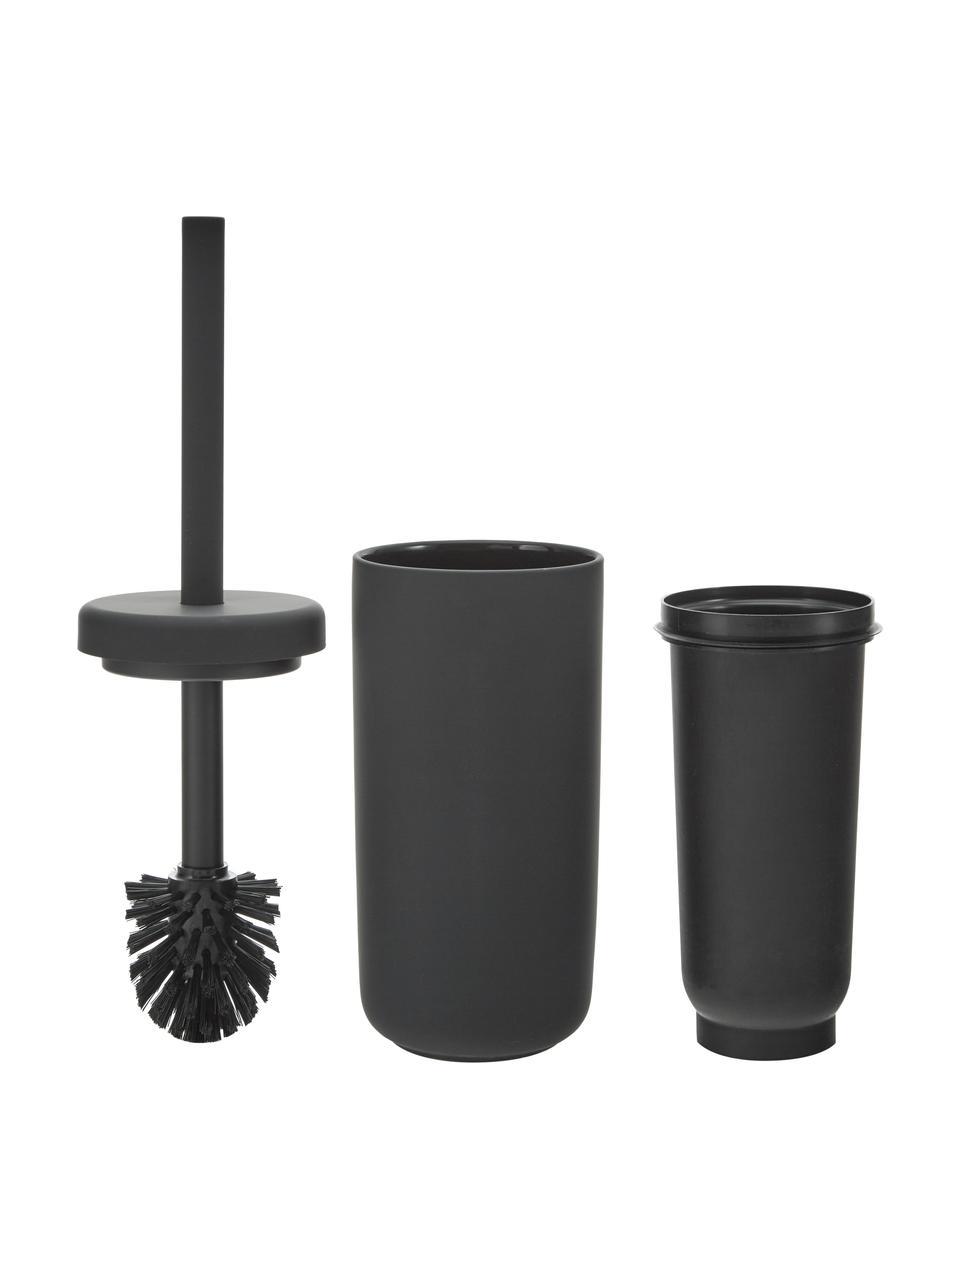 Toilettenbürste Ume mit Steingut-Behälter, Behälter: Steingut überzogen mit So, Griff: Kunststoff, Schwarz, matt, Ø 10 x H 39 cm